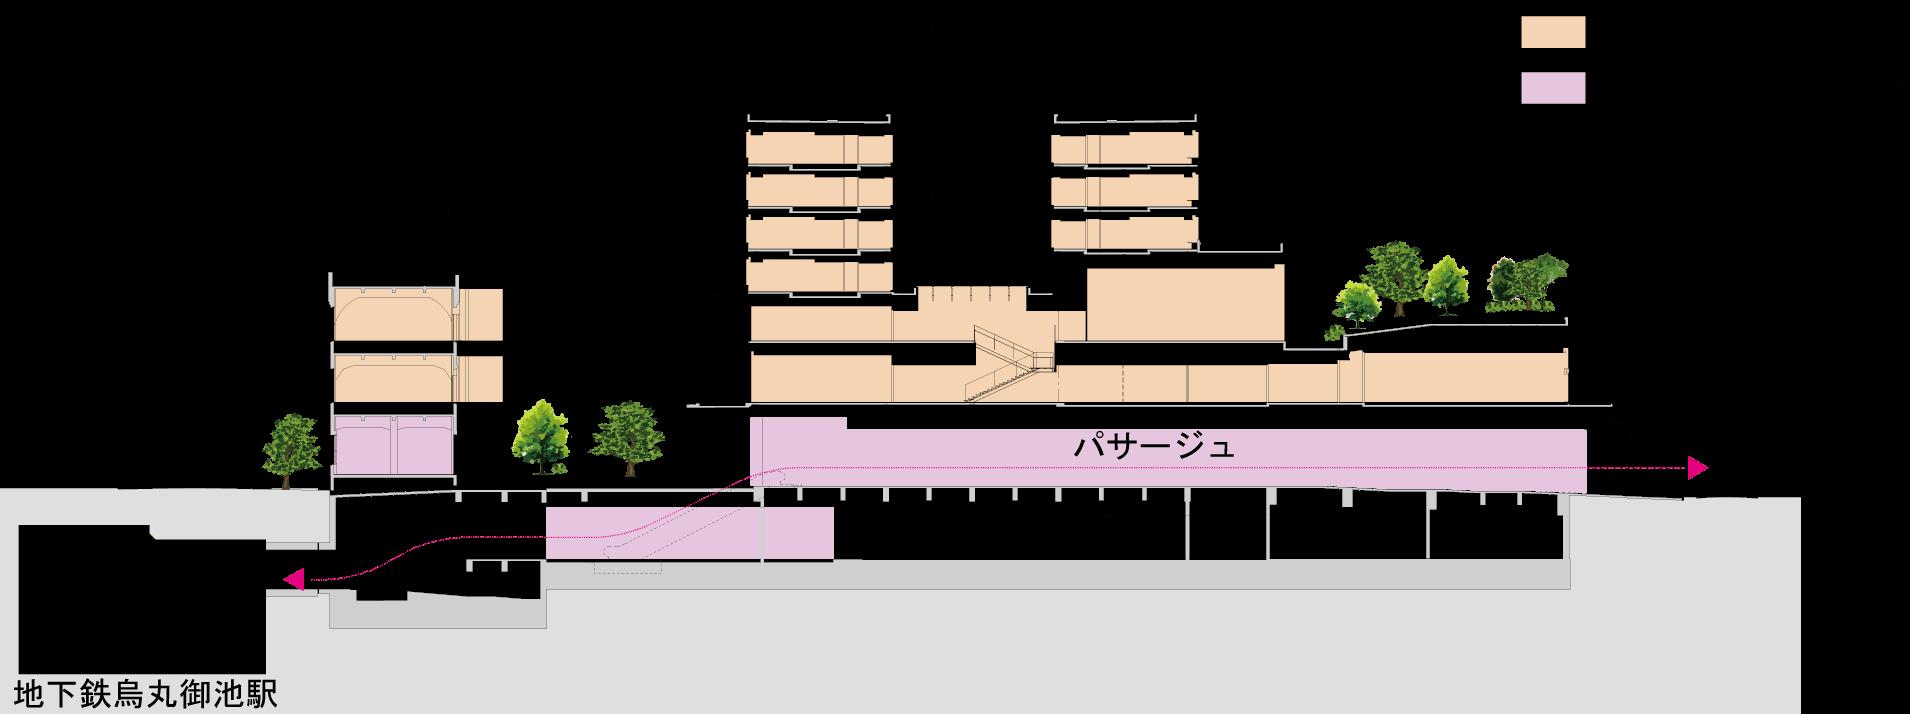 新風館跡地の再開発計画であるエースホテル京都・商業施設情報(フロア構成)